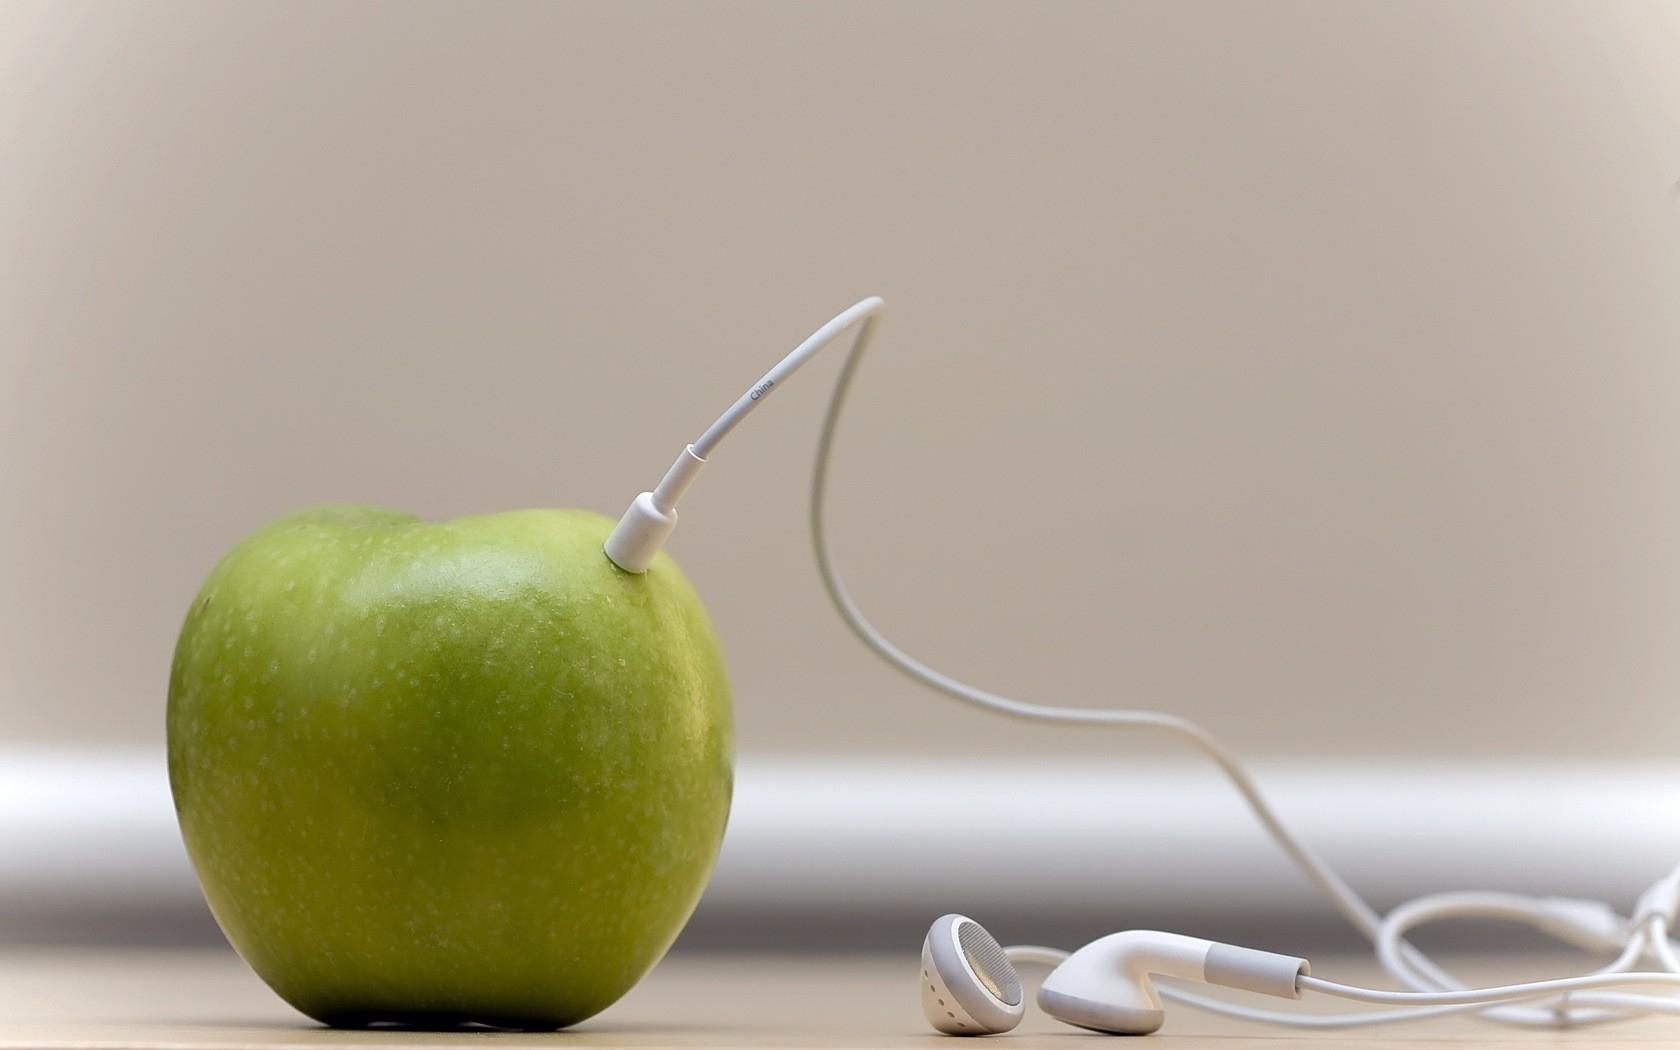 Kolejne kompromitacje, o których Apple wolałoby zapomnieć